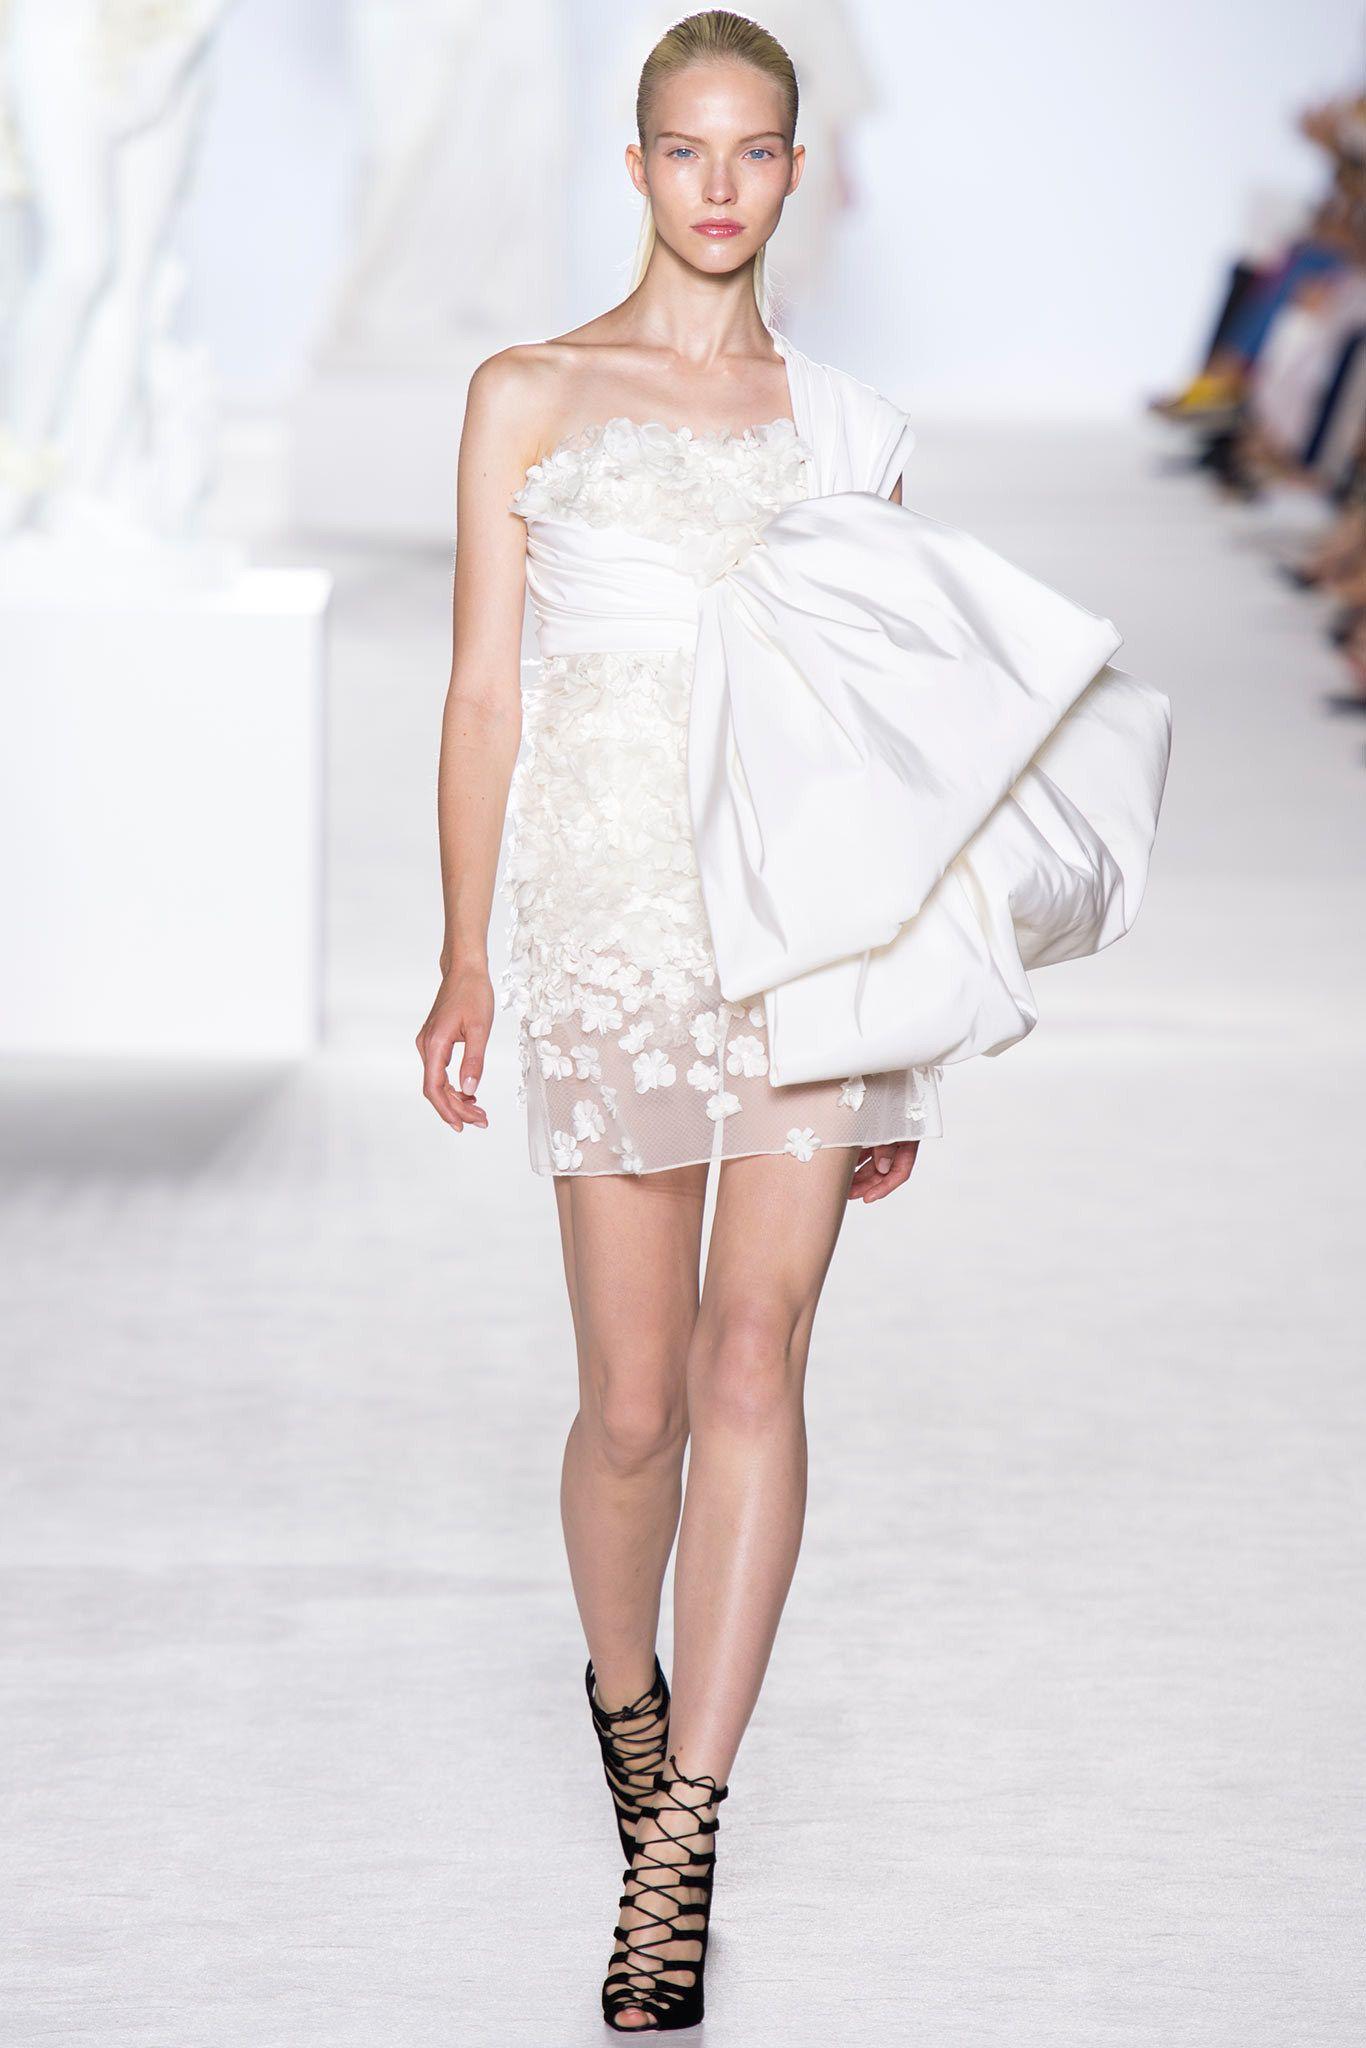 Giambattista Valli Fall 2013 Couture Fashion Show - Sasha Luss (Elite)